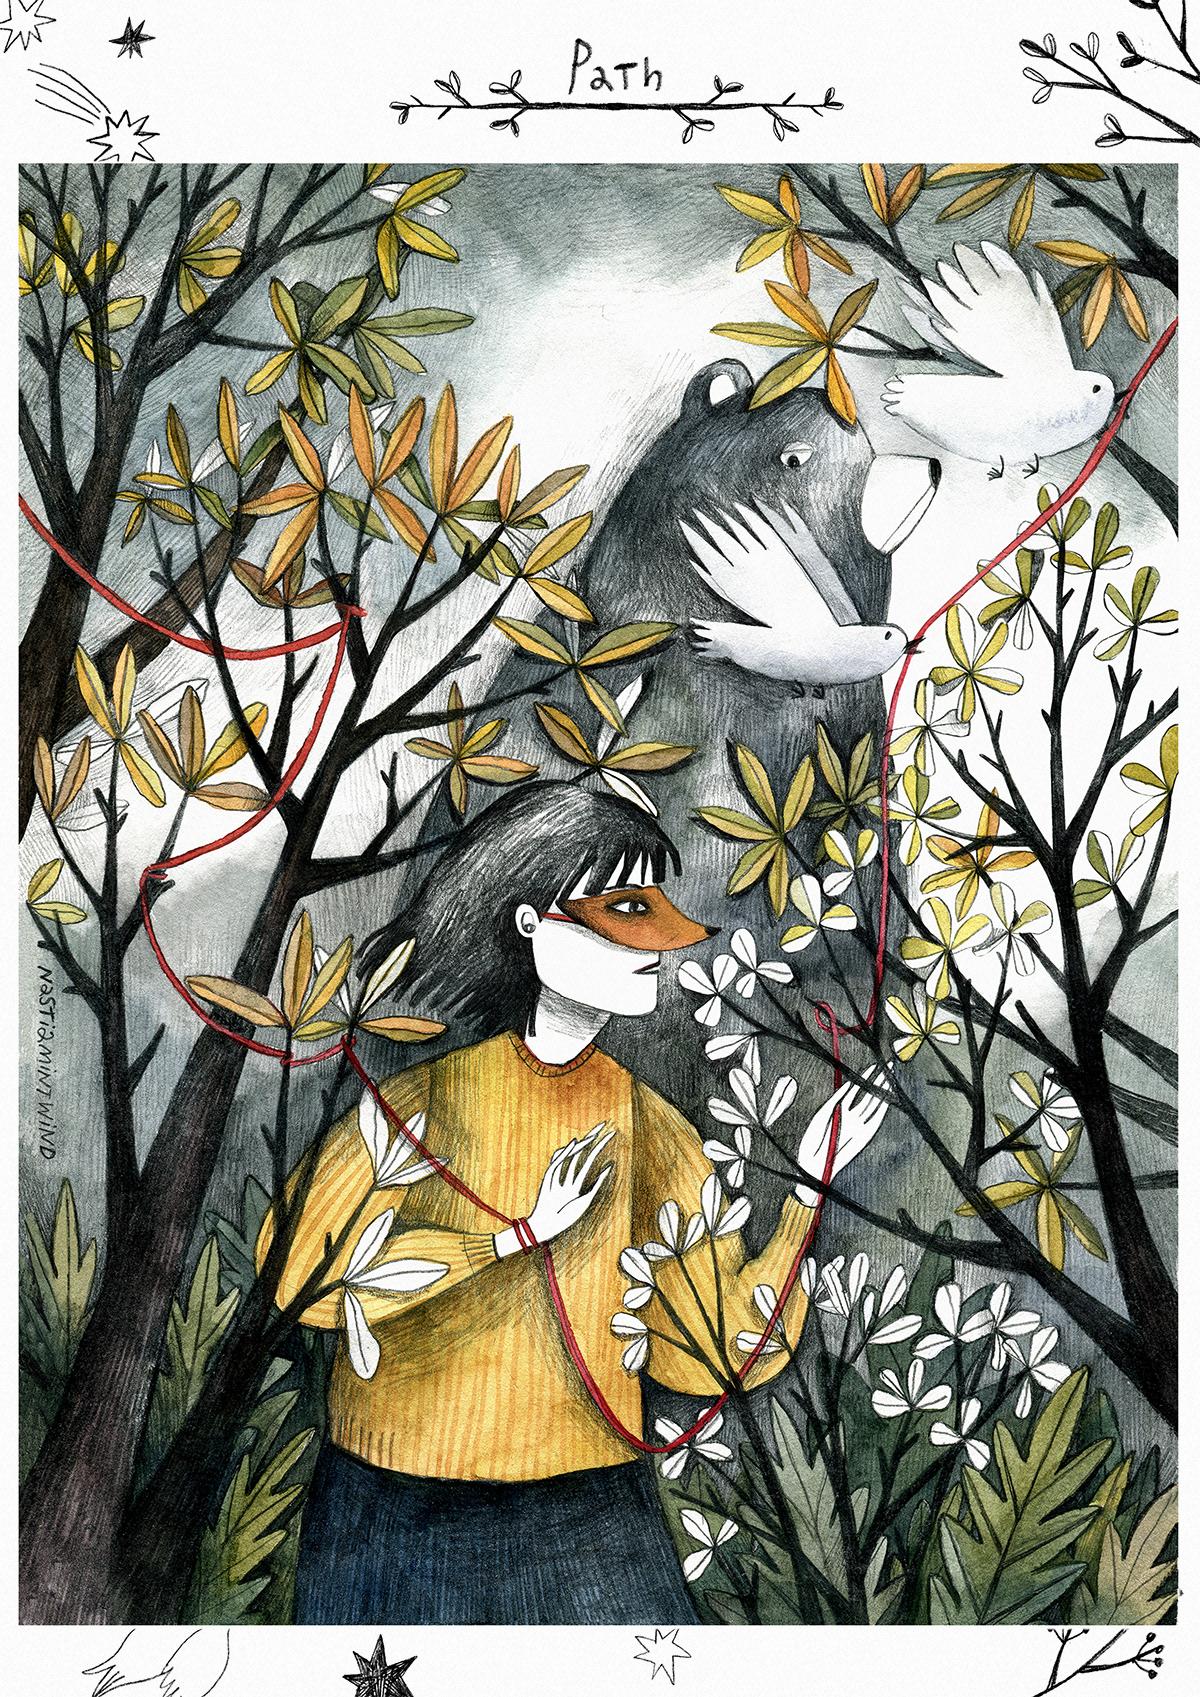 ILLUSTRATION  folktaleweek children illustration bear girl forest folk tale kidlitart Drawing  Illustrator